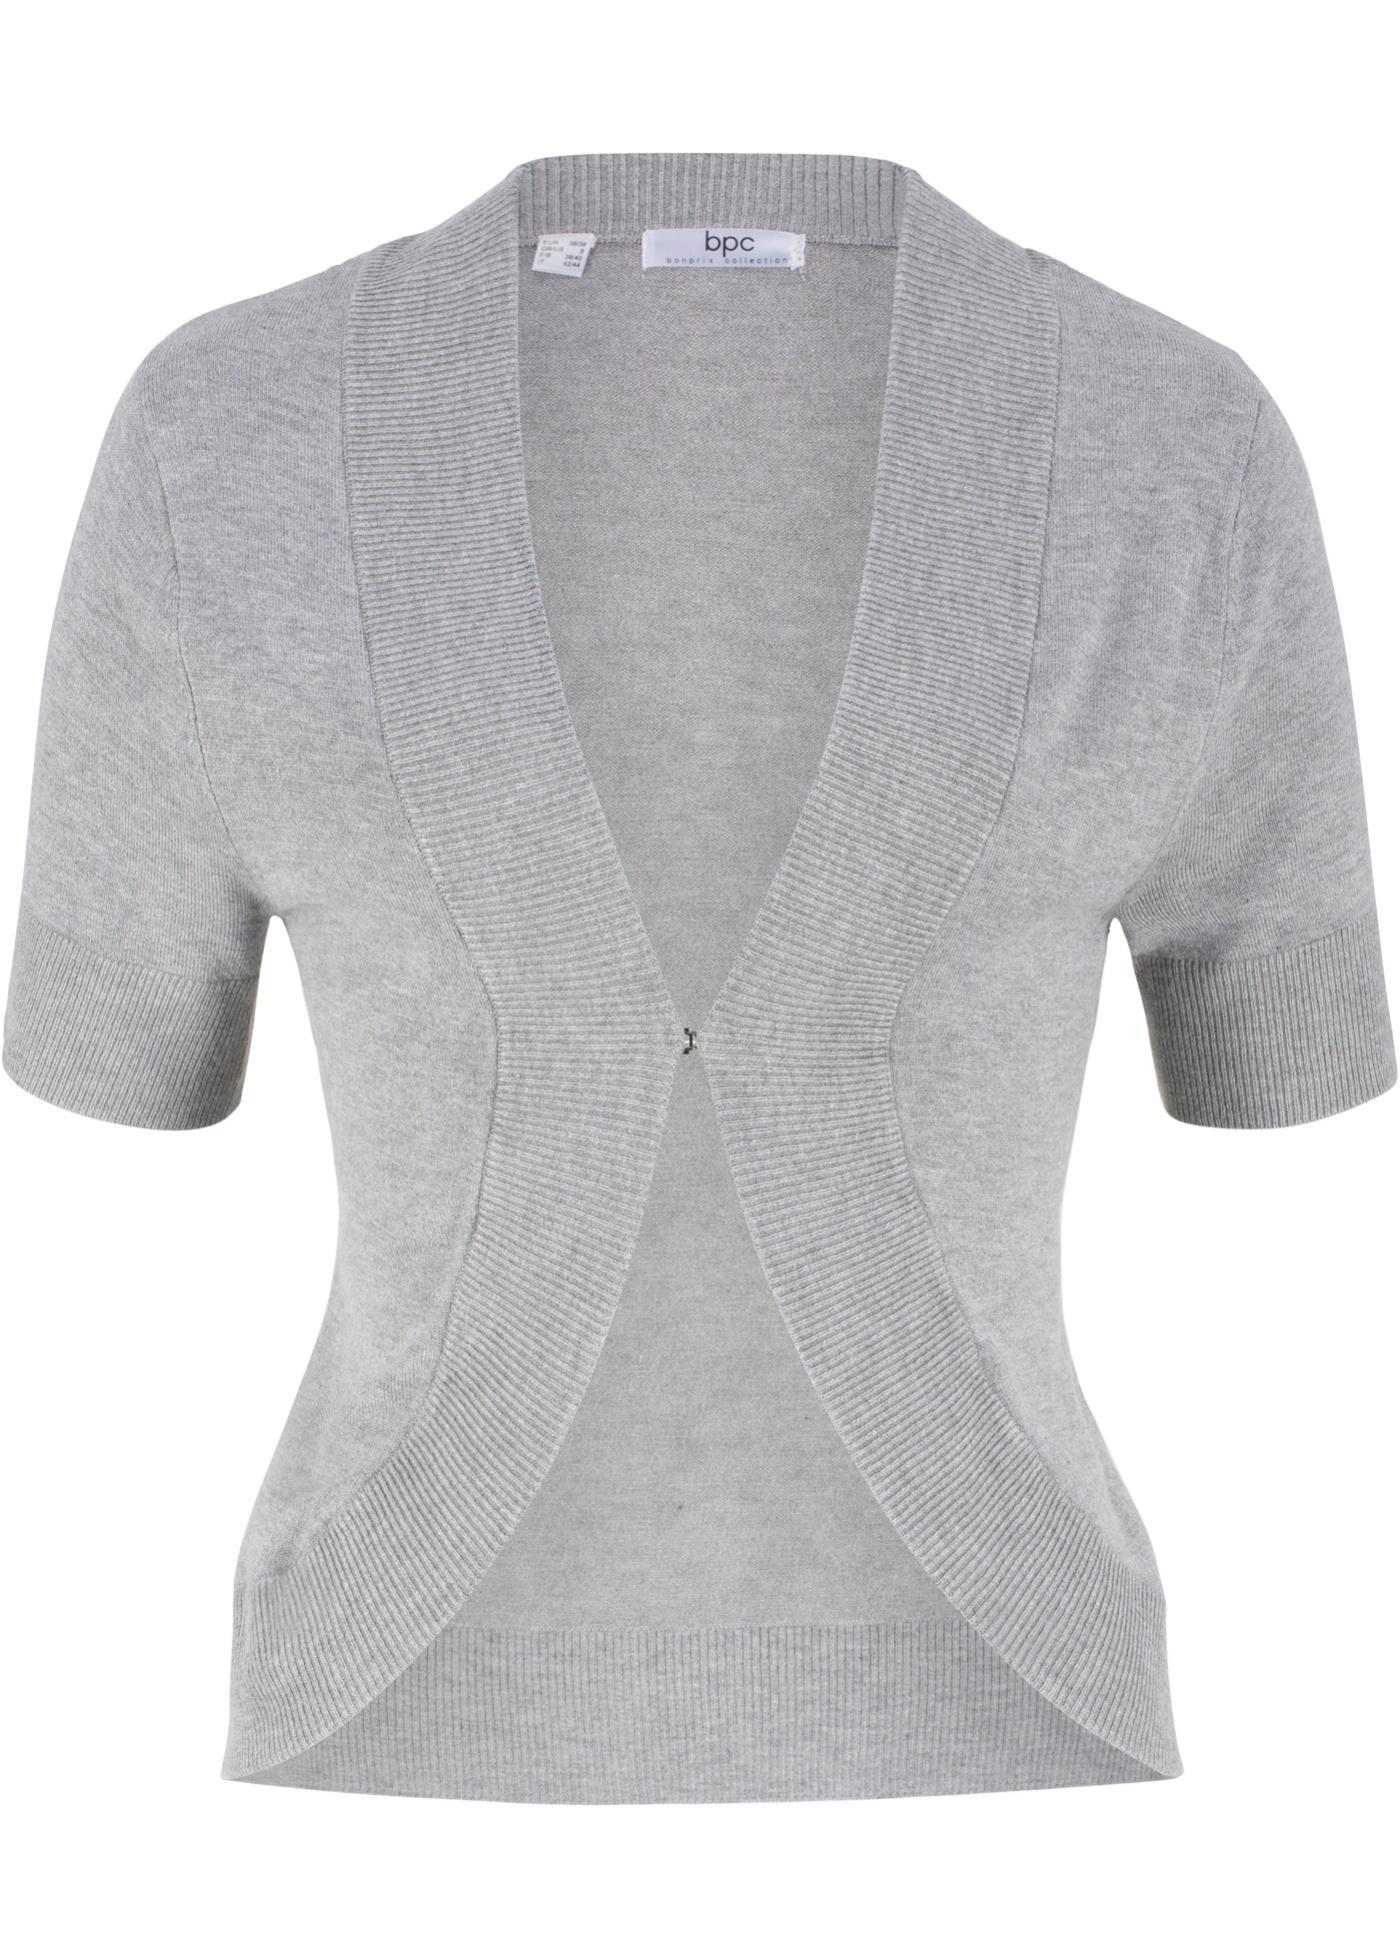 Strickbolero, Kurzarm in grau für Damen von bonprix